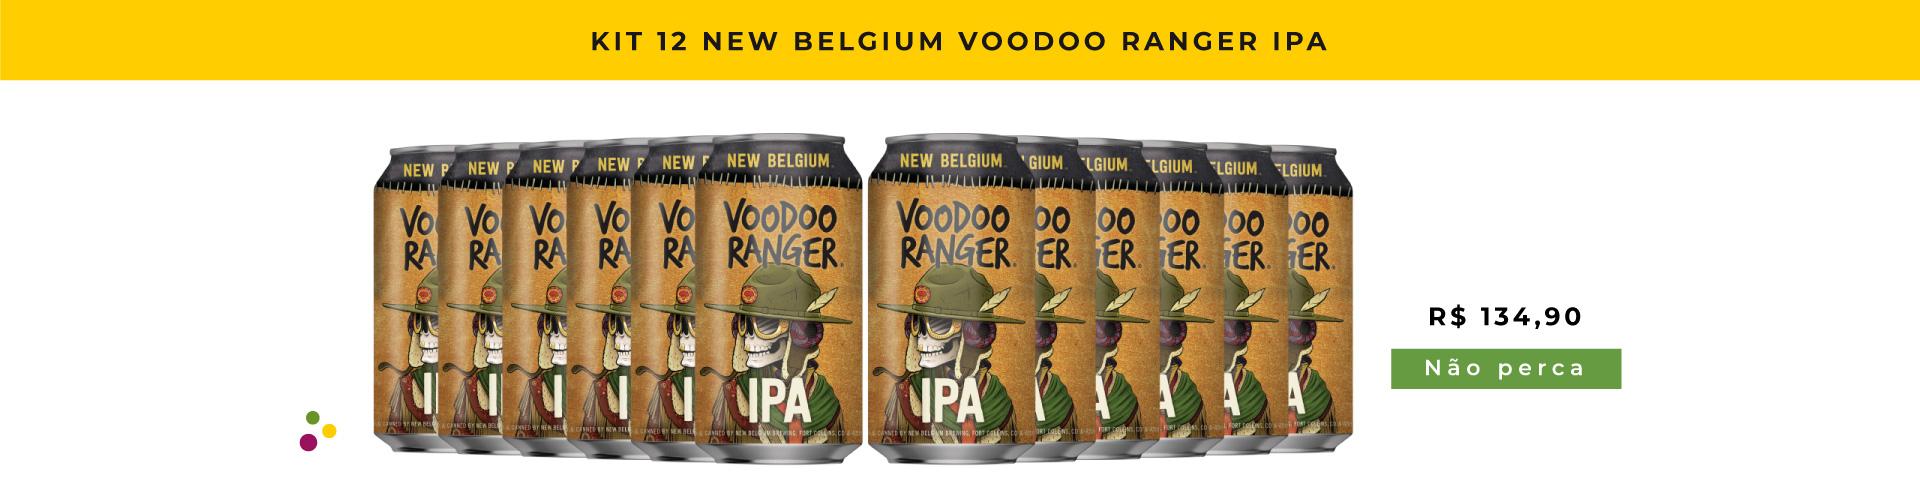 Banner-kit-vodoo